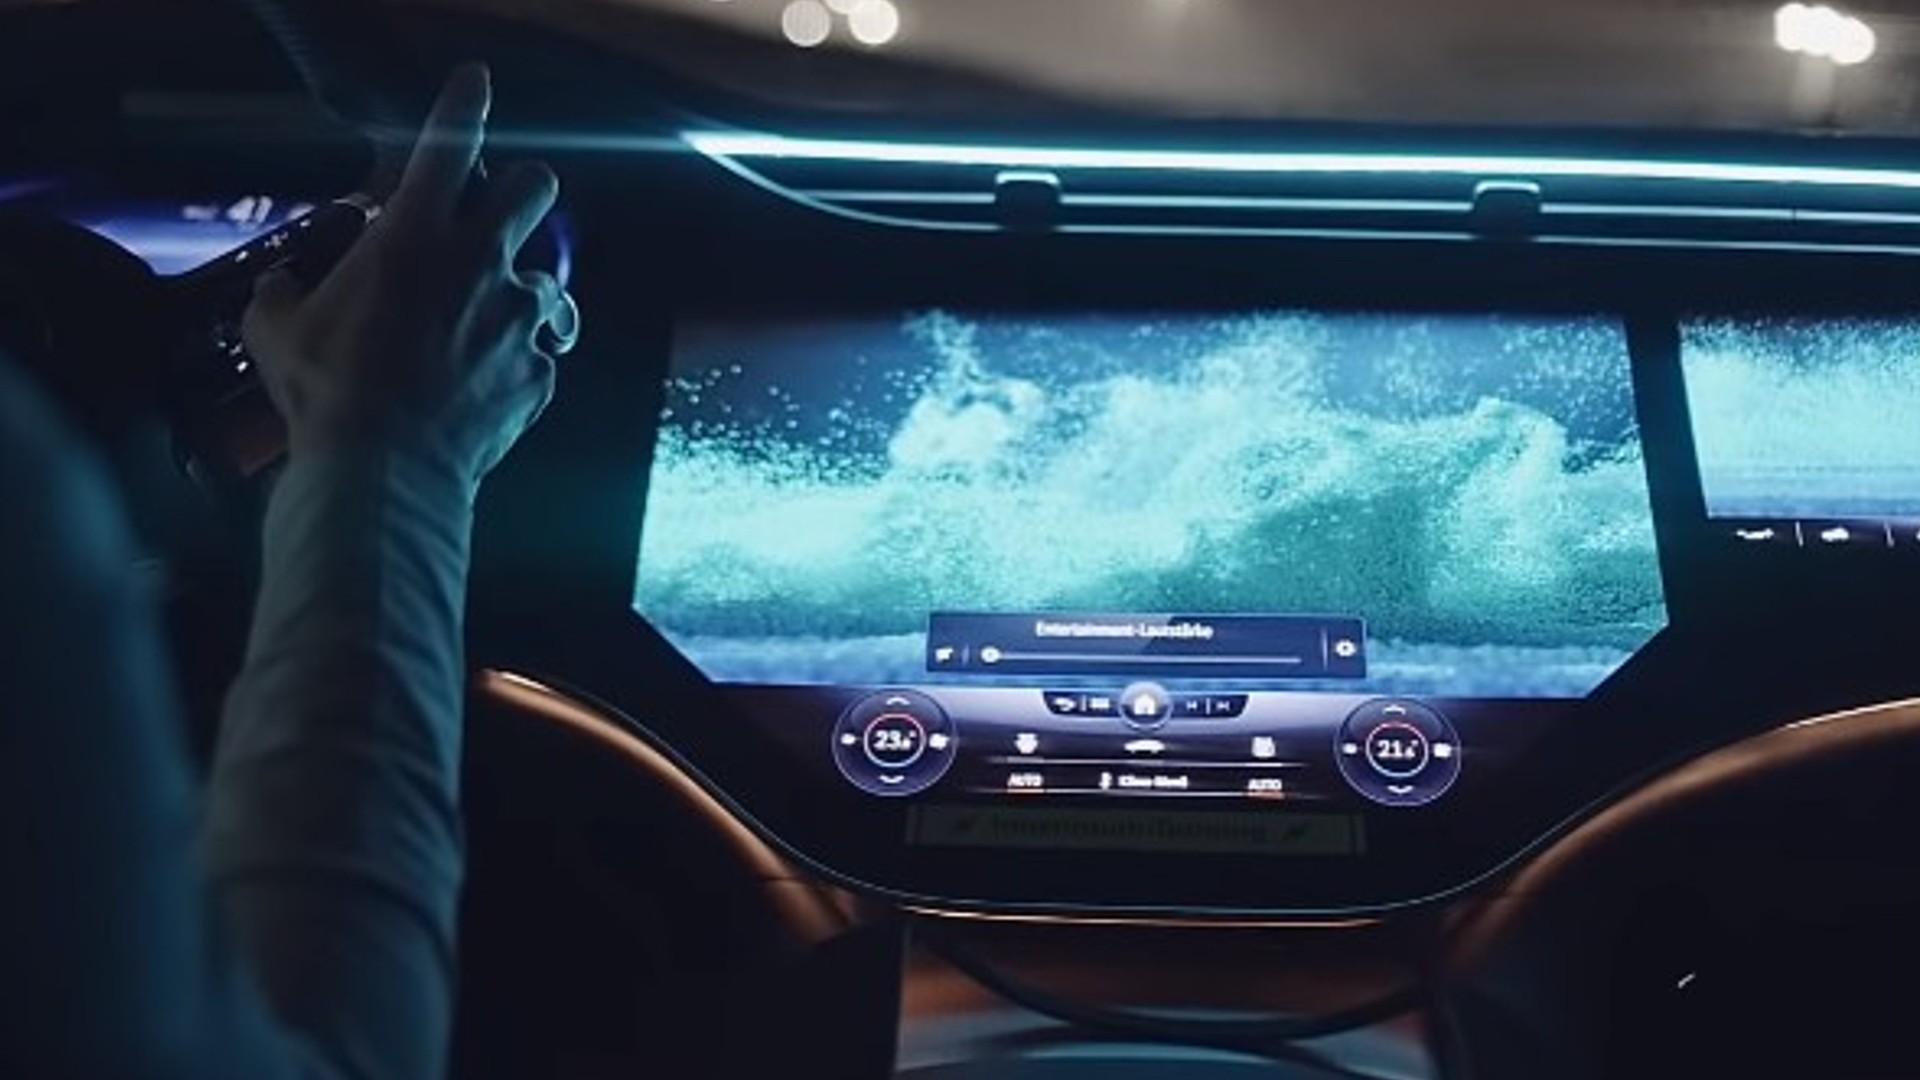 Το ταμπλό στη νέα Mercedes-Benz είναι μια τεράστια εντυπωσιακή οθόνη! [vid]